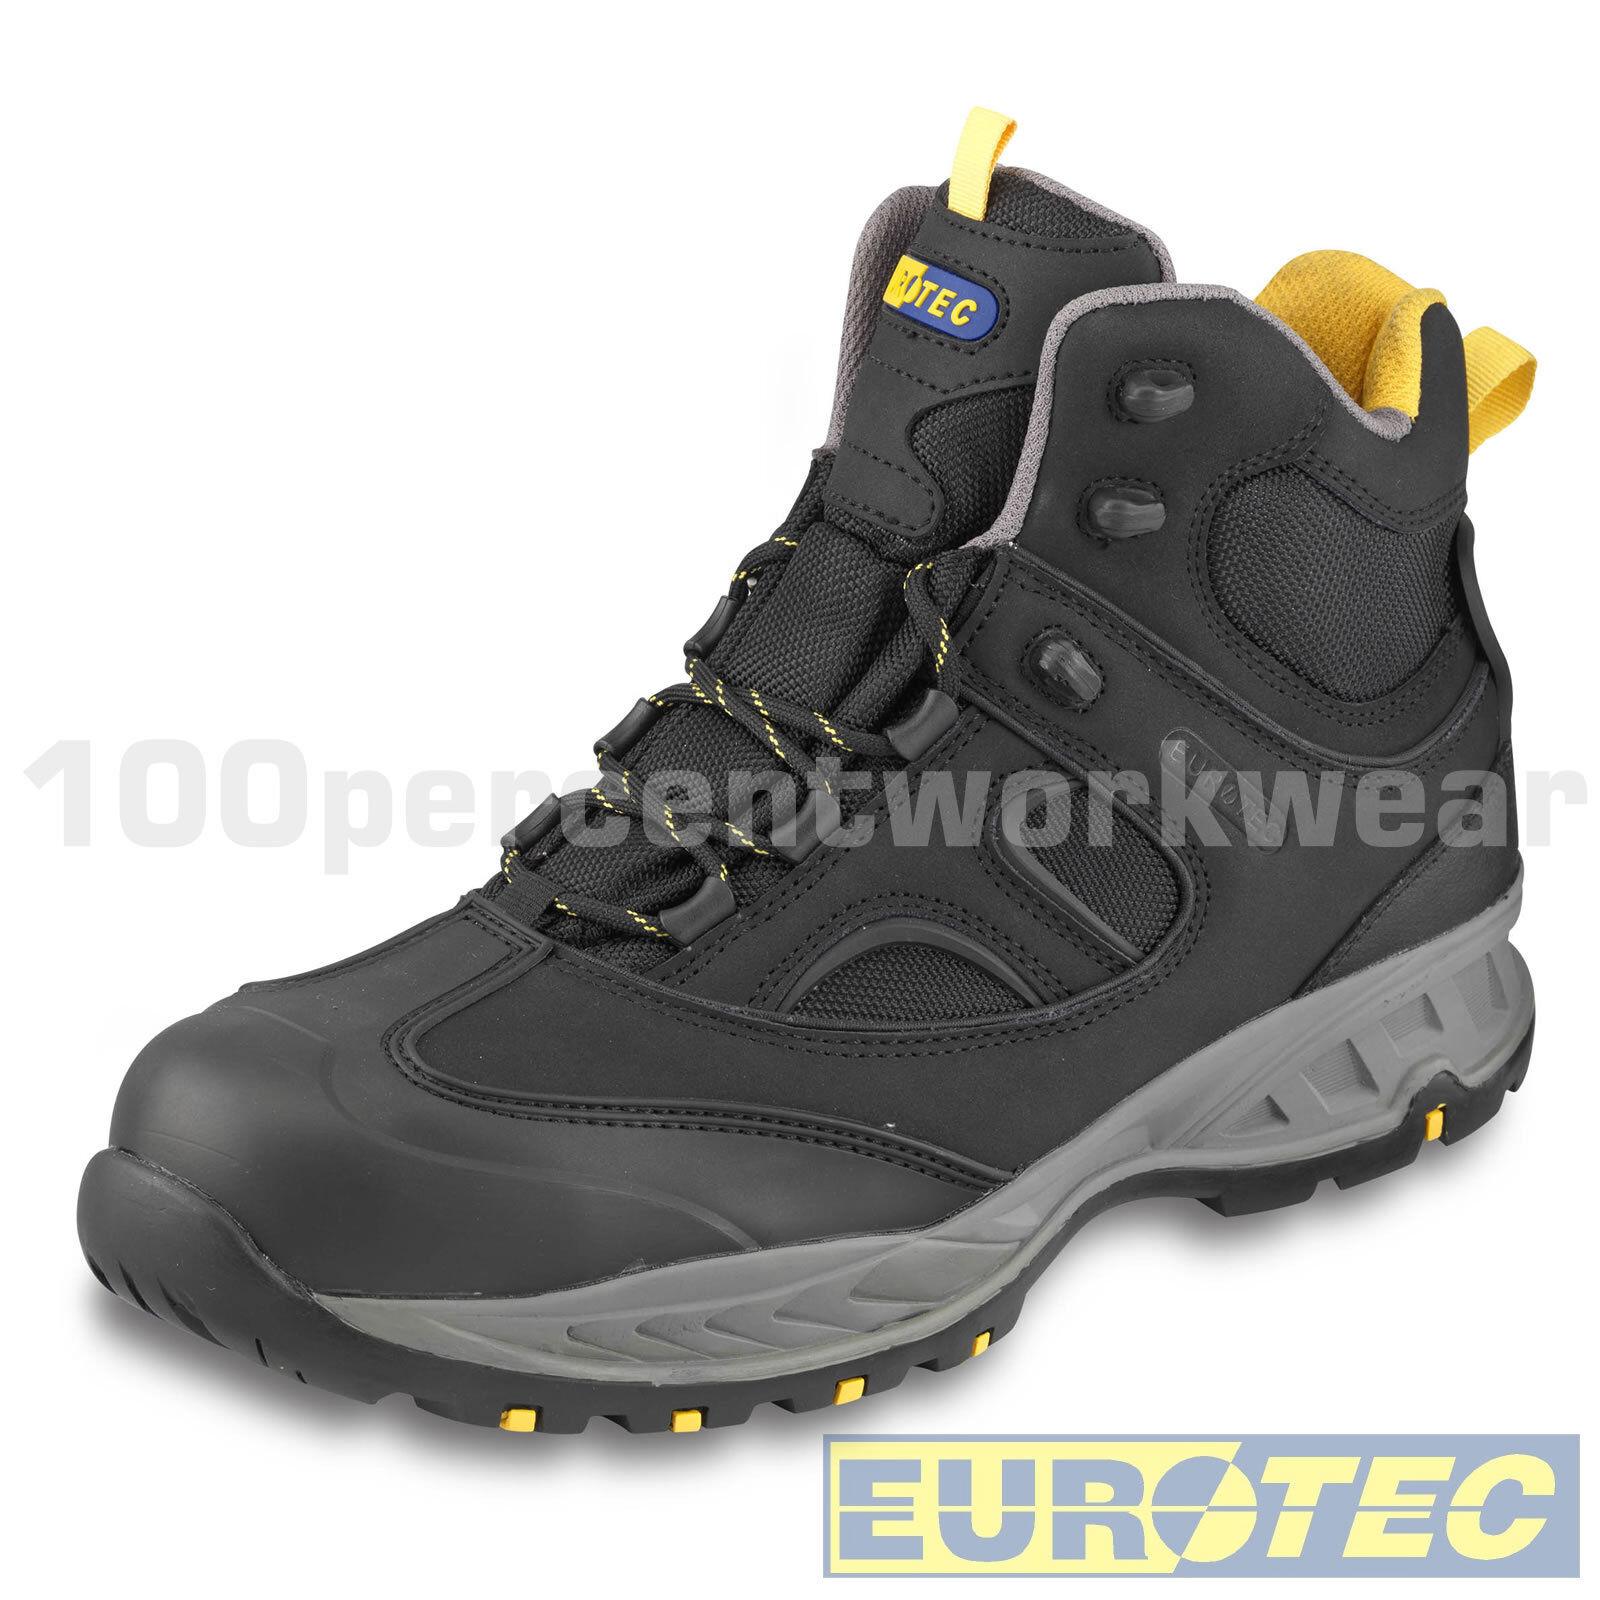 Eurotec 716NMP nera in pelle di di di nabuk Mesh Sicurezza Lavoro Stivali puntale composito S3 ccde5c